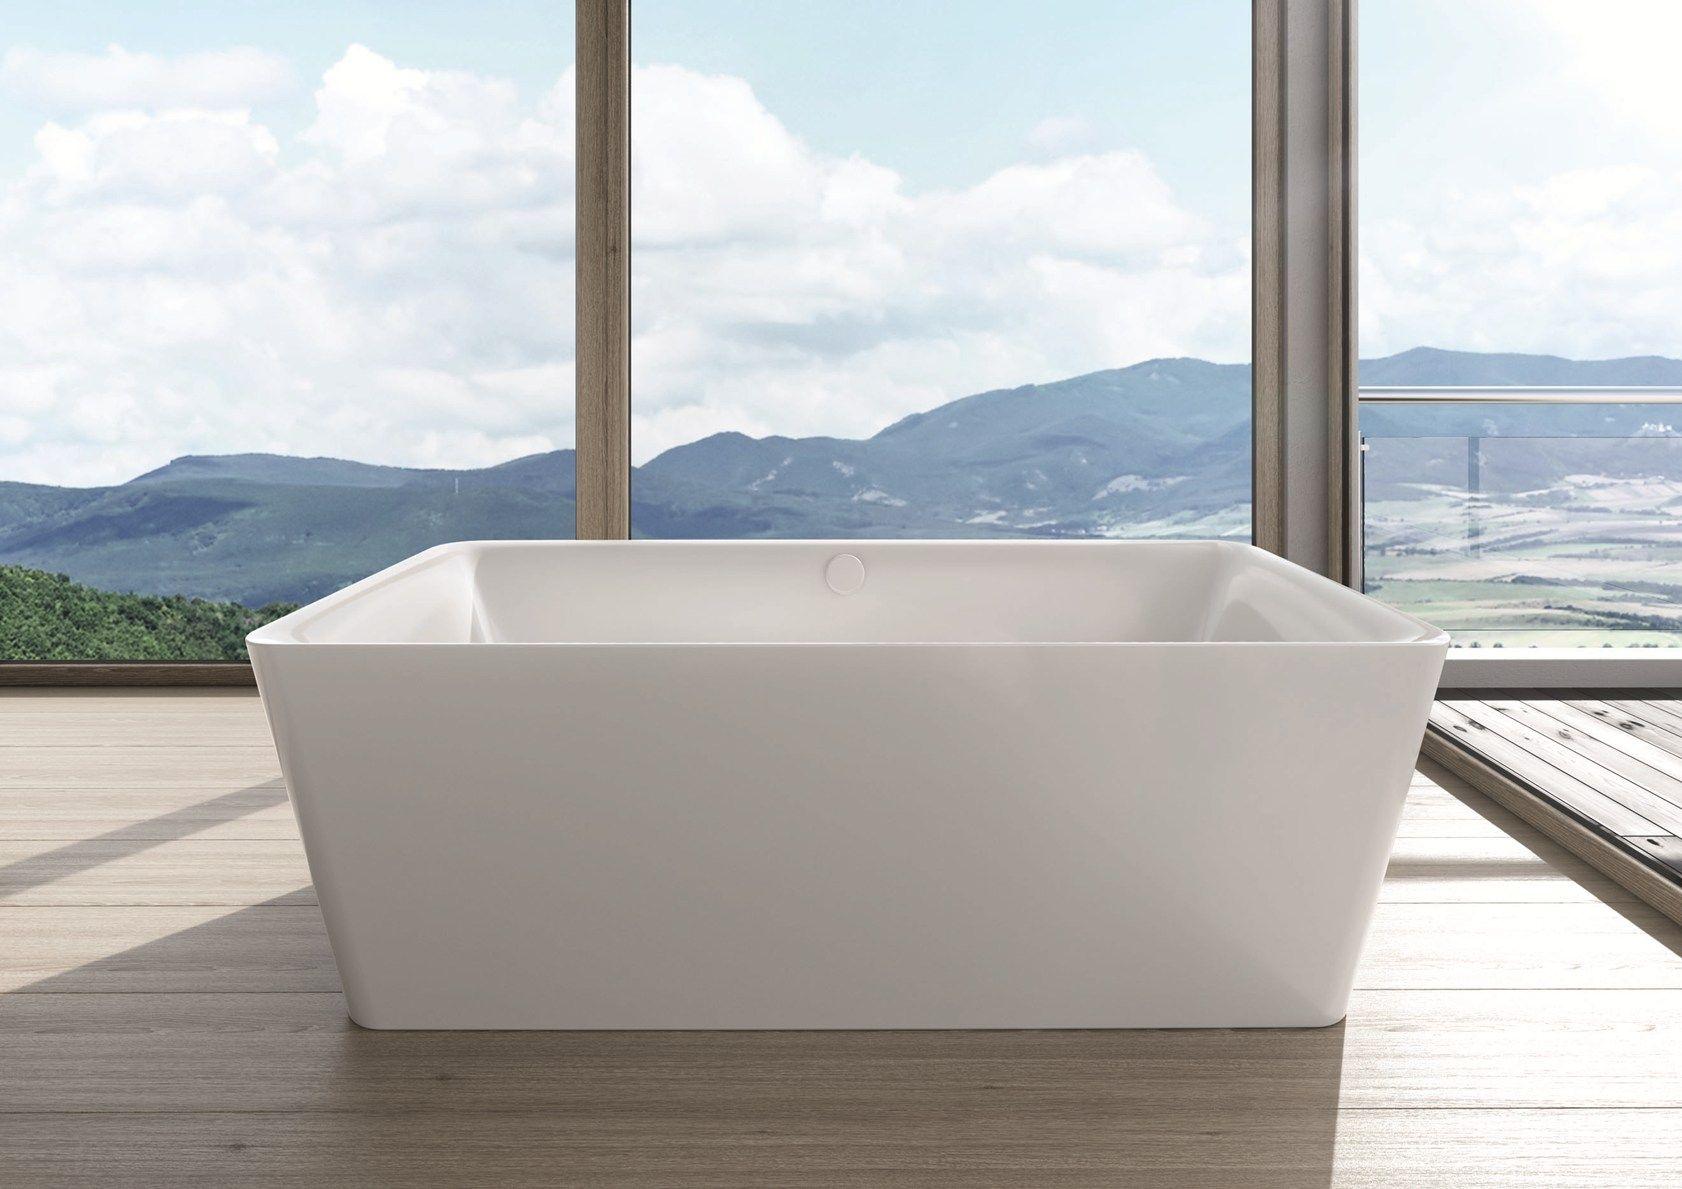 Meisterst ck nuova estetica per il bagno - Rivestimento bagno ondulato ...